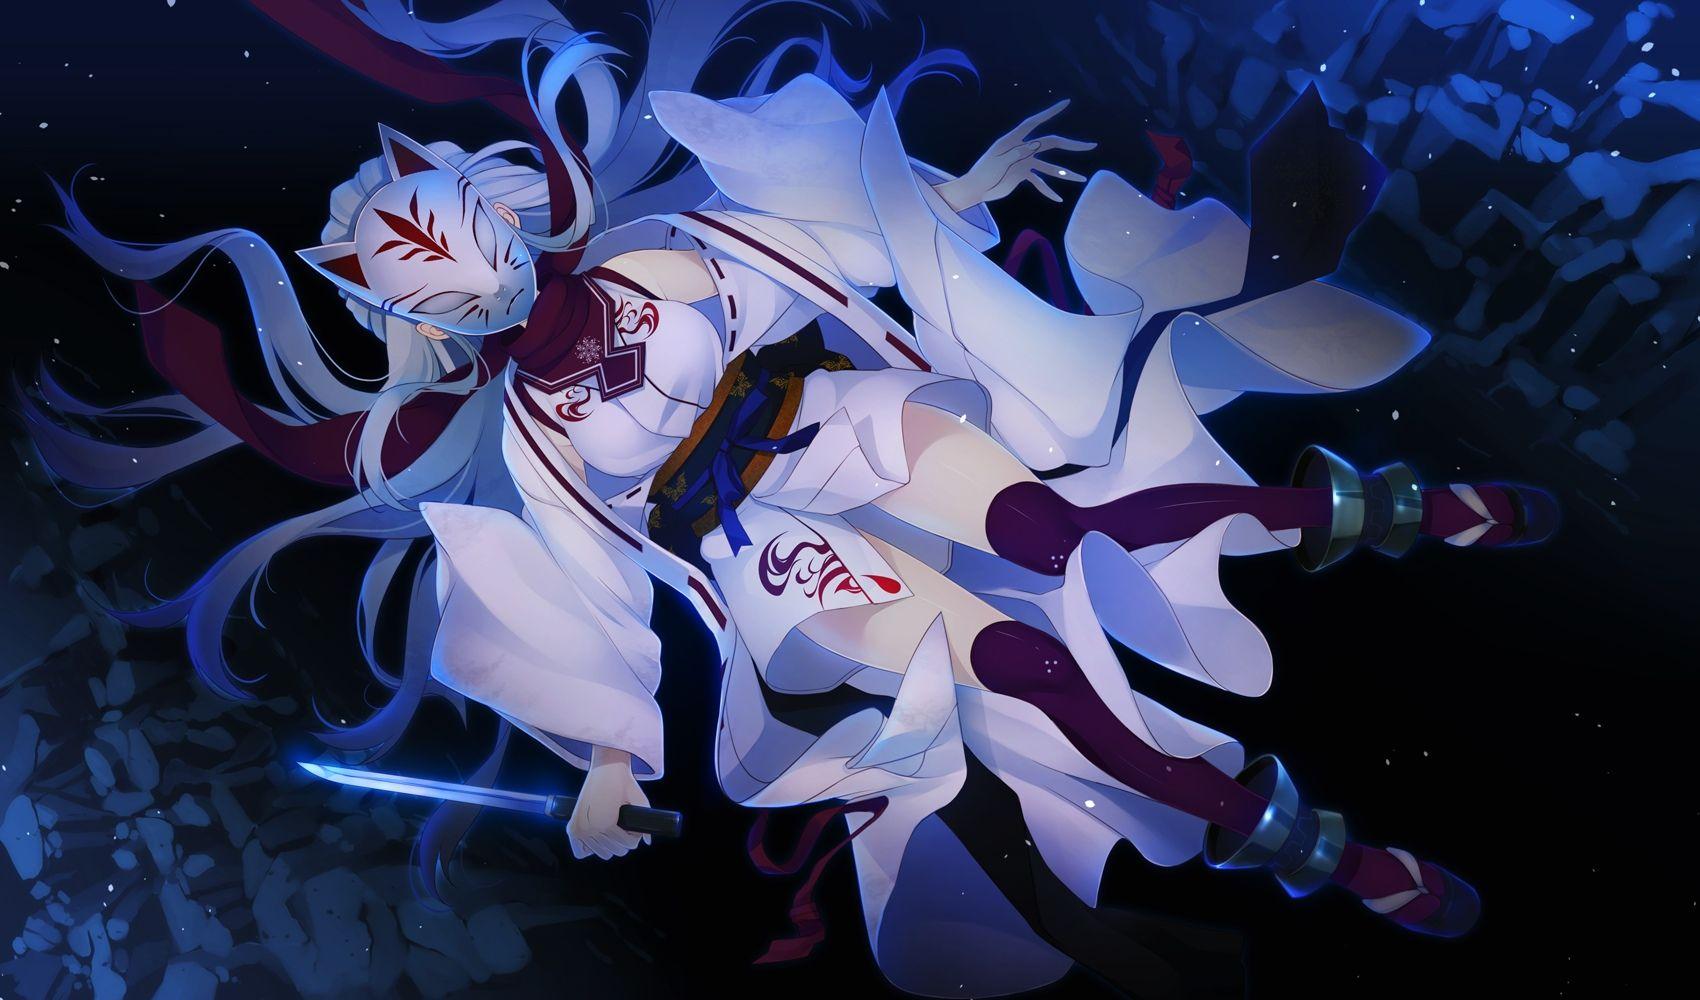 Anime Kitsune mask キャラクターデザイン, イラスト, 可愛いイラスト